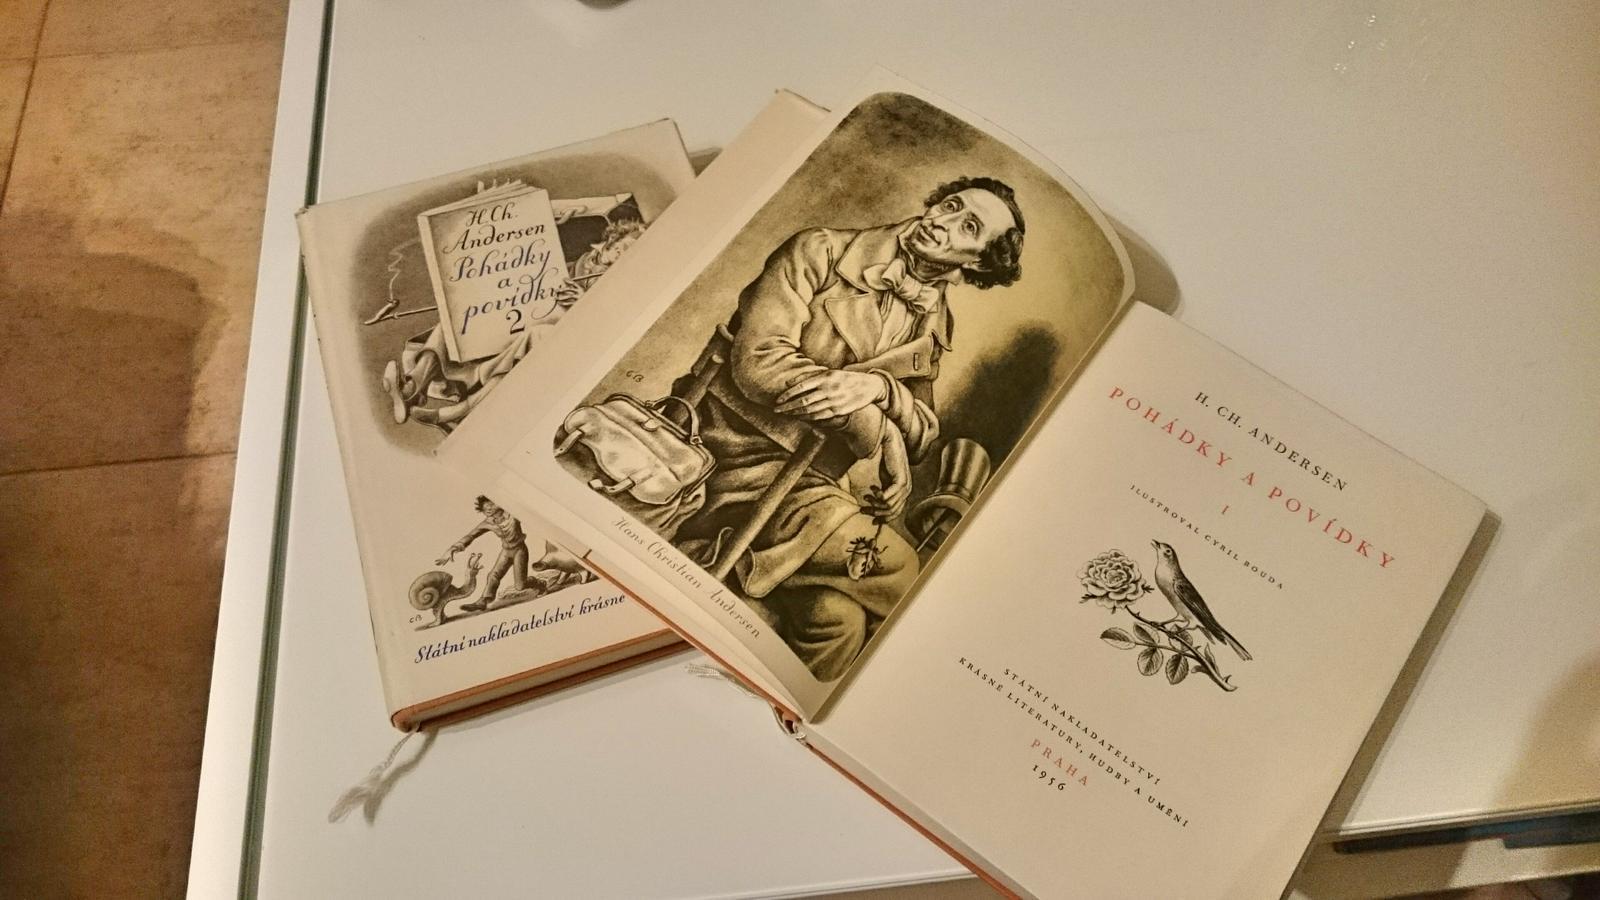 Čtení - Pohádky a povídky 1,2 jsou doma a v perfektním stavu :-) kdyz jsem to četla poprve, bylo mi dvanáct...zvláštní pocit...